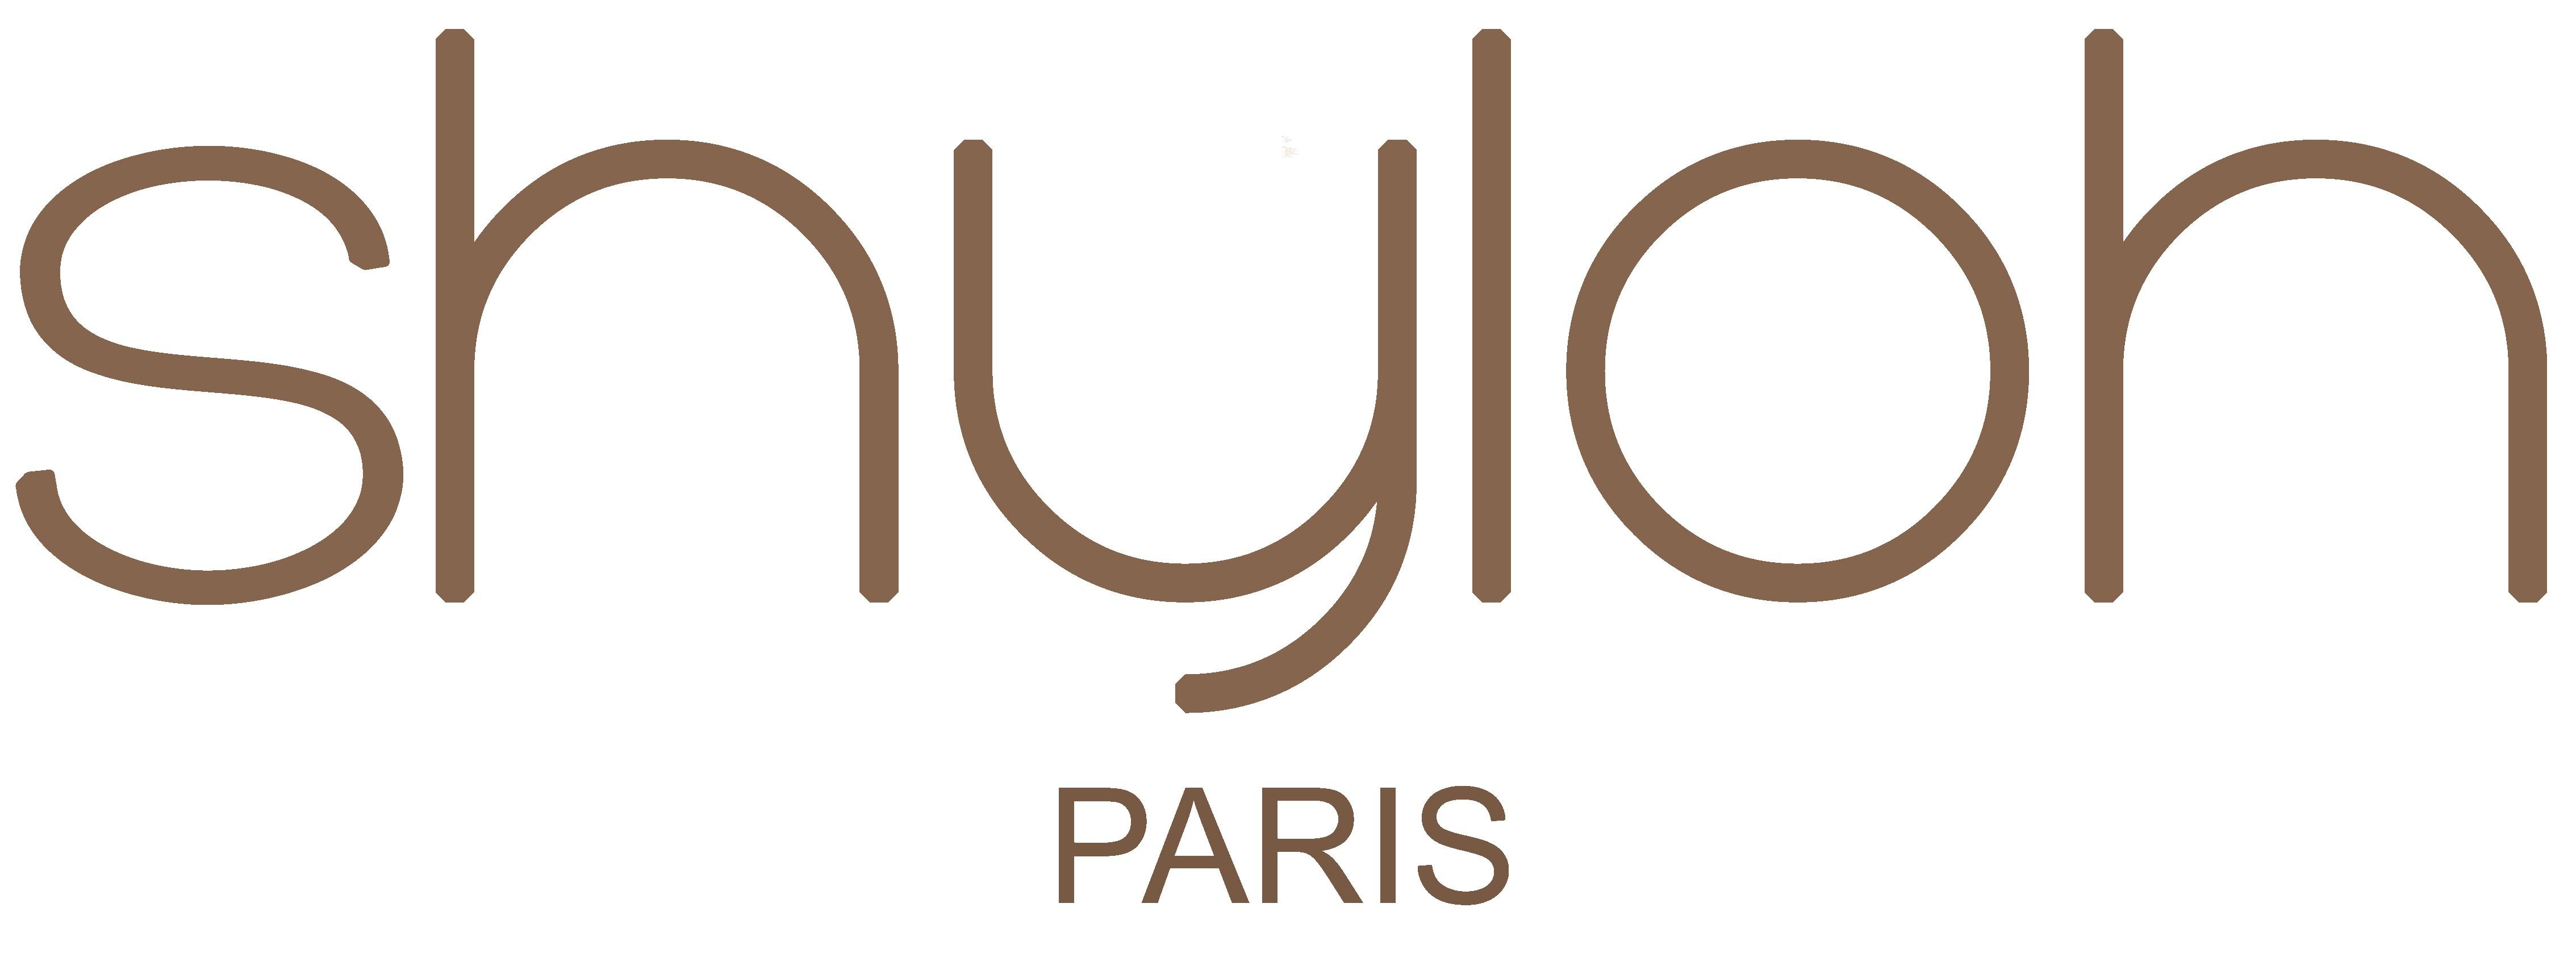 Shyloh